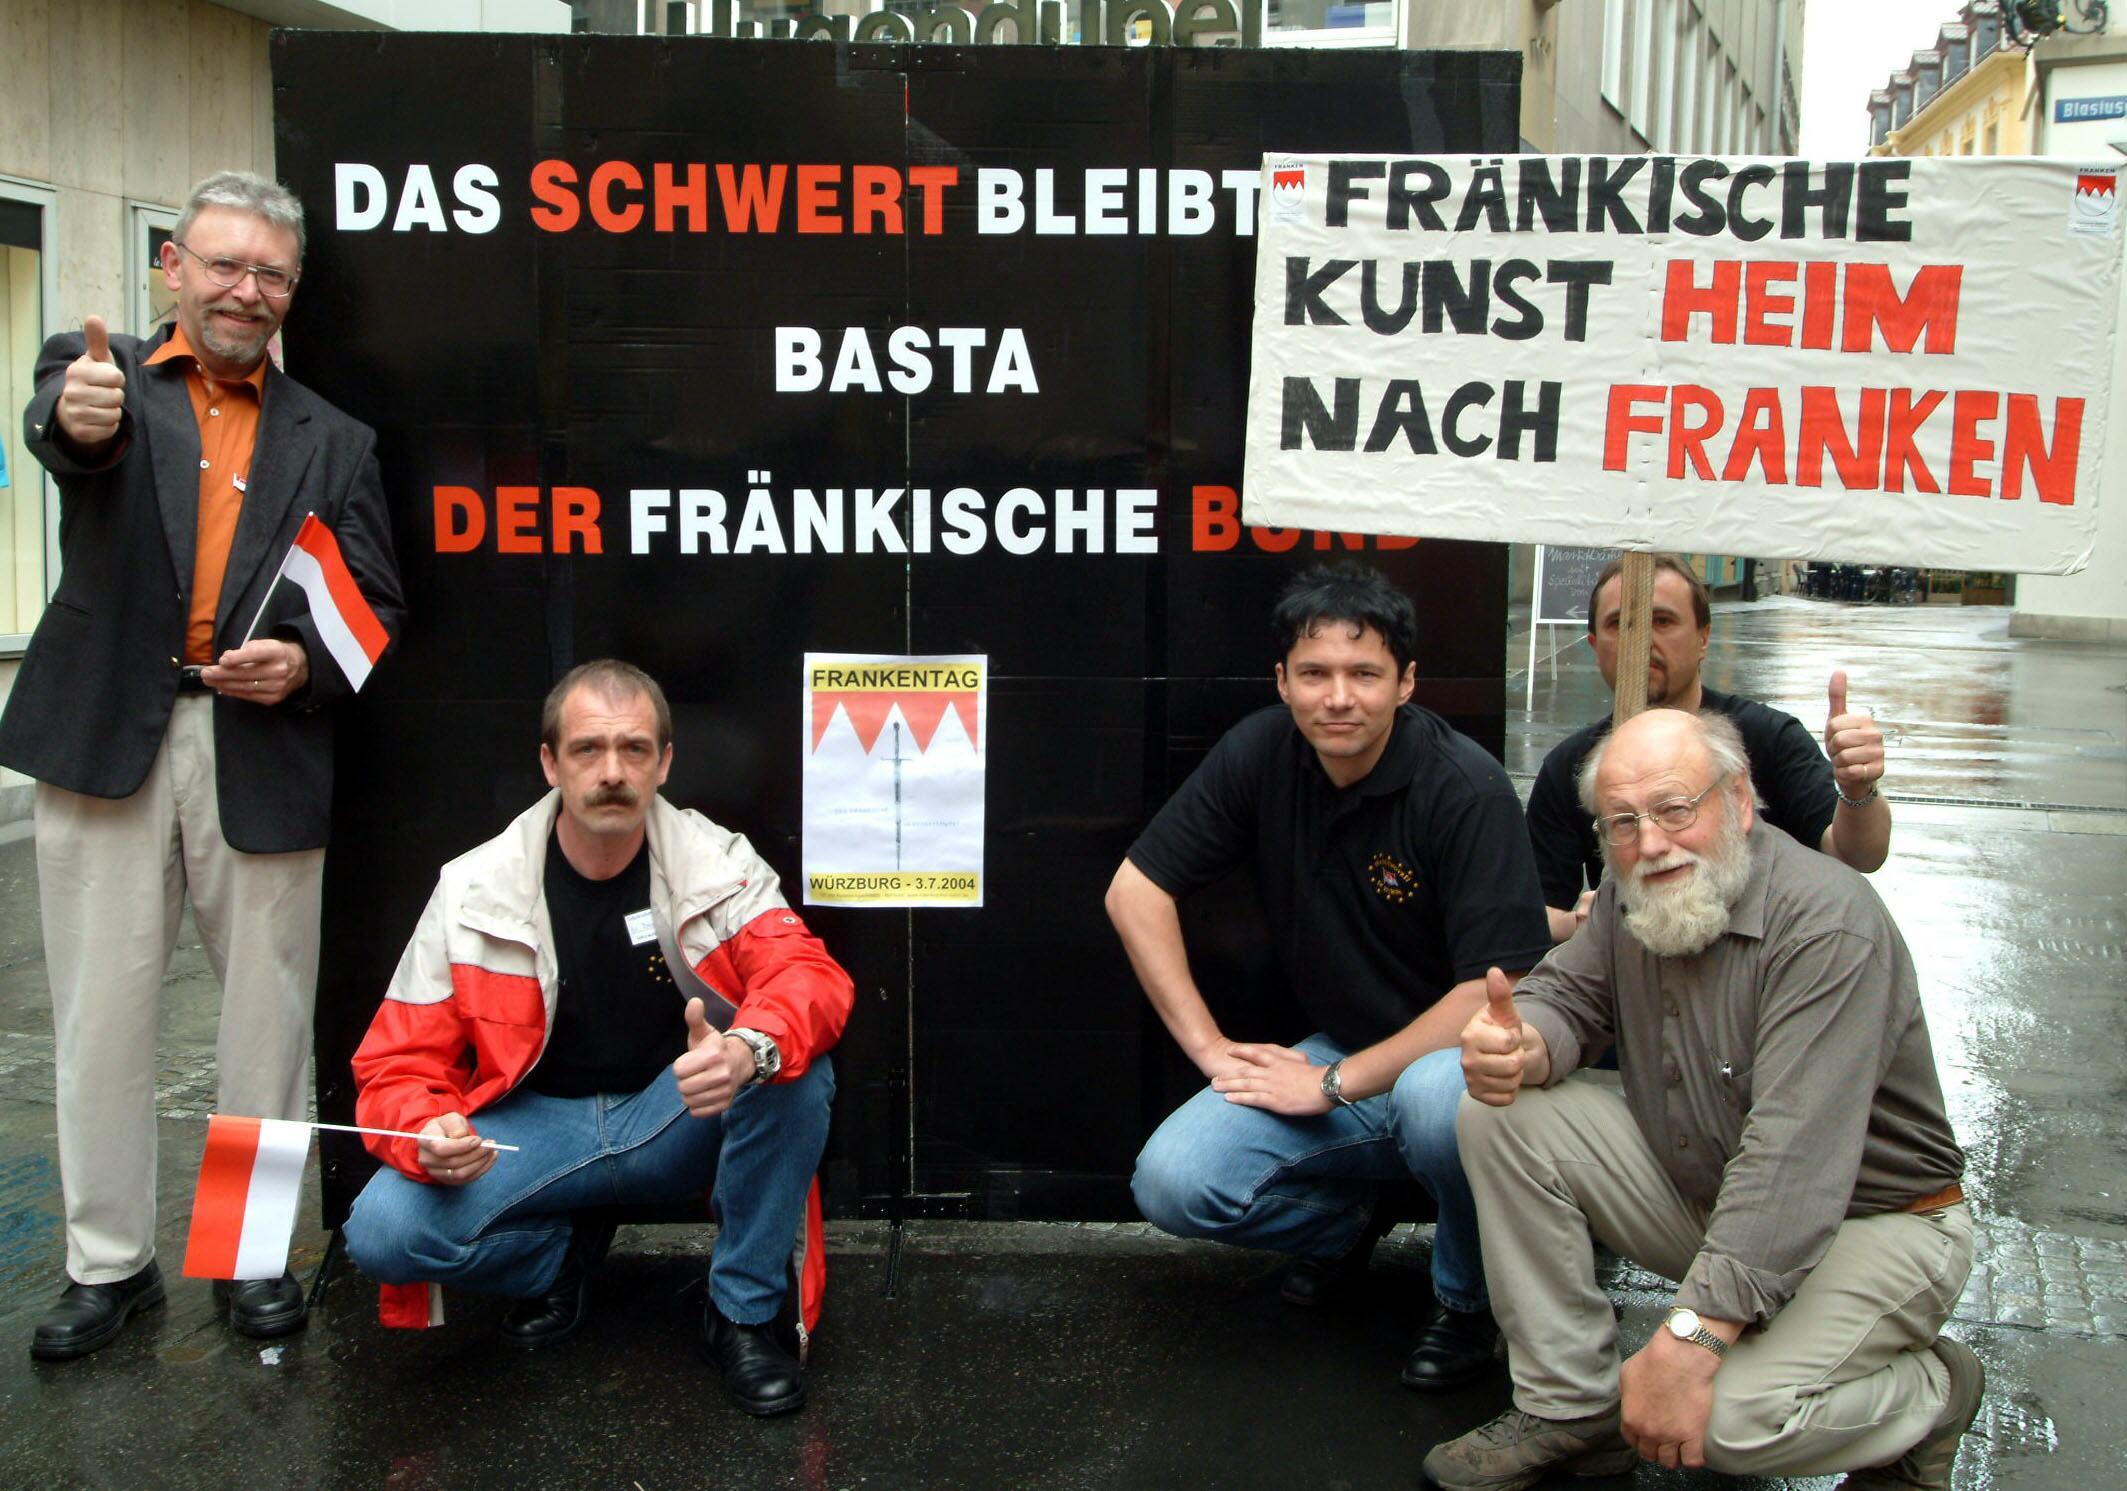 2003 Fränkische Kulturgüter